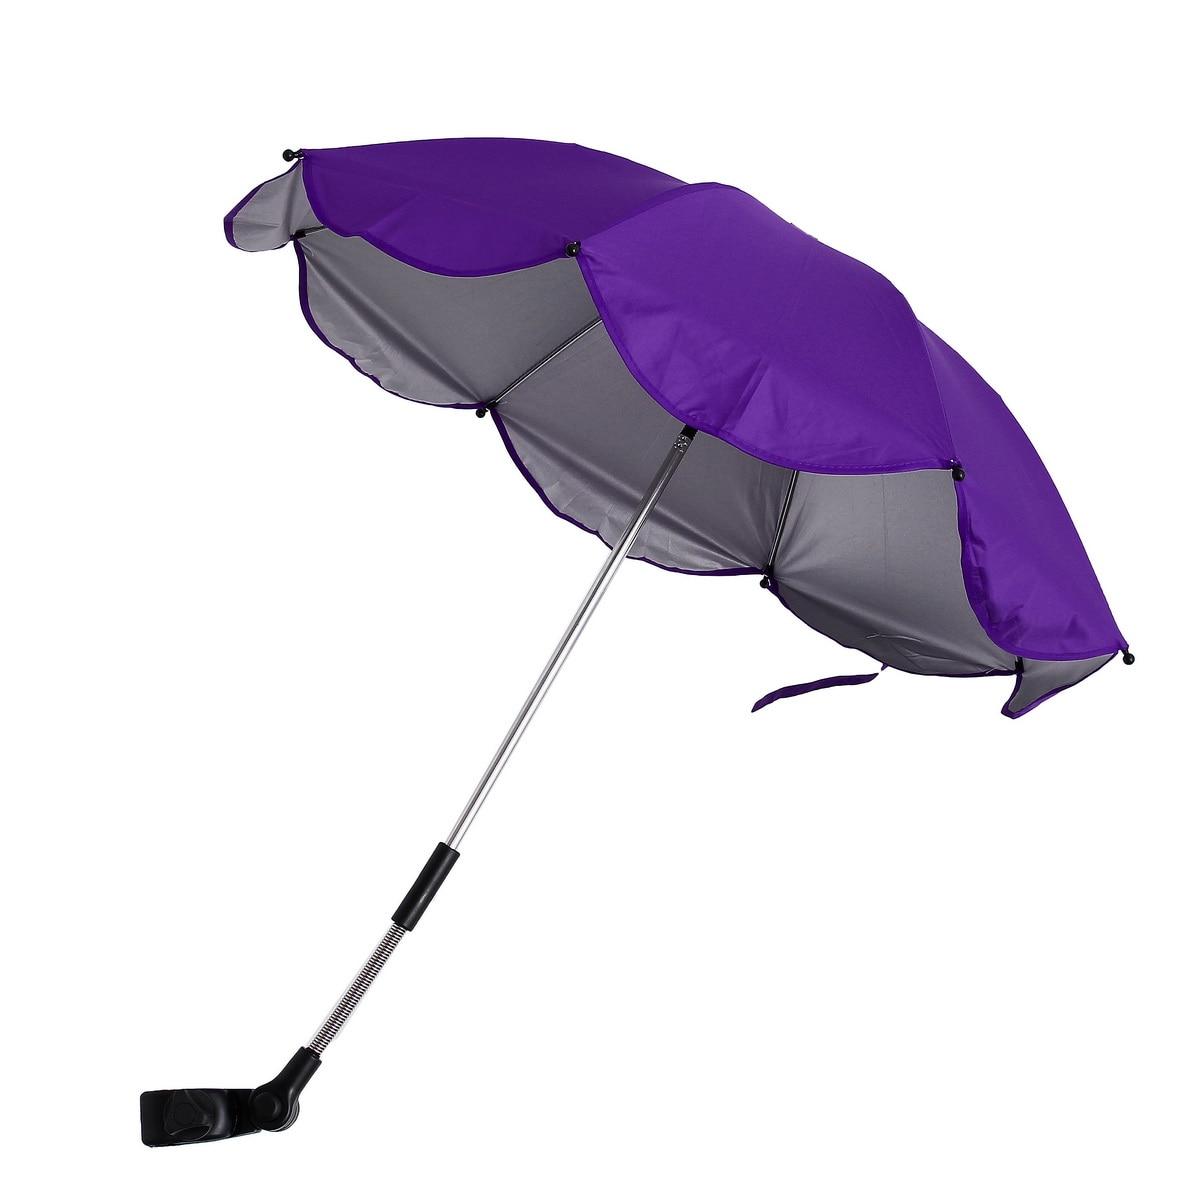 Baby Stroller Umbrella Holder Kids Children Chair Umbrella Holder Mount for Sun Shade Stroller Accessories